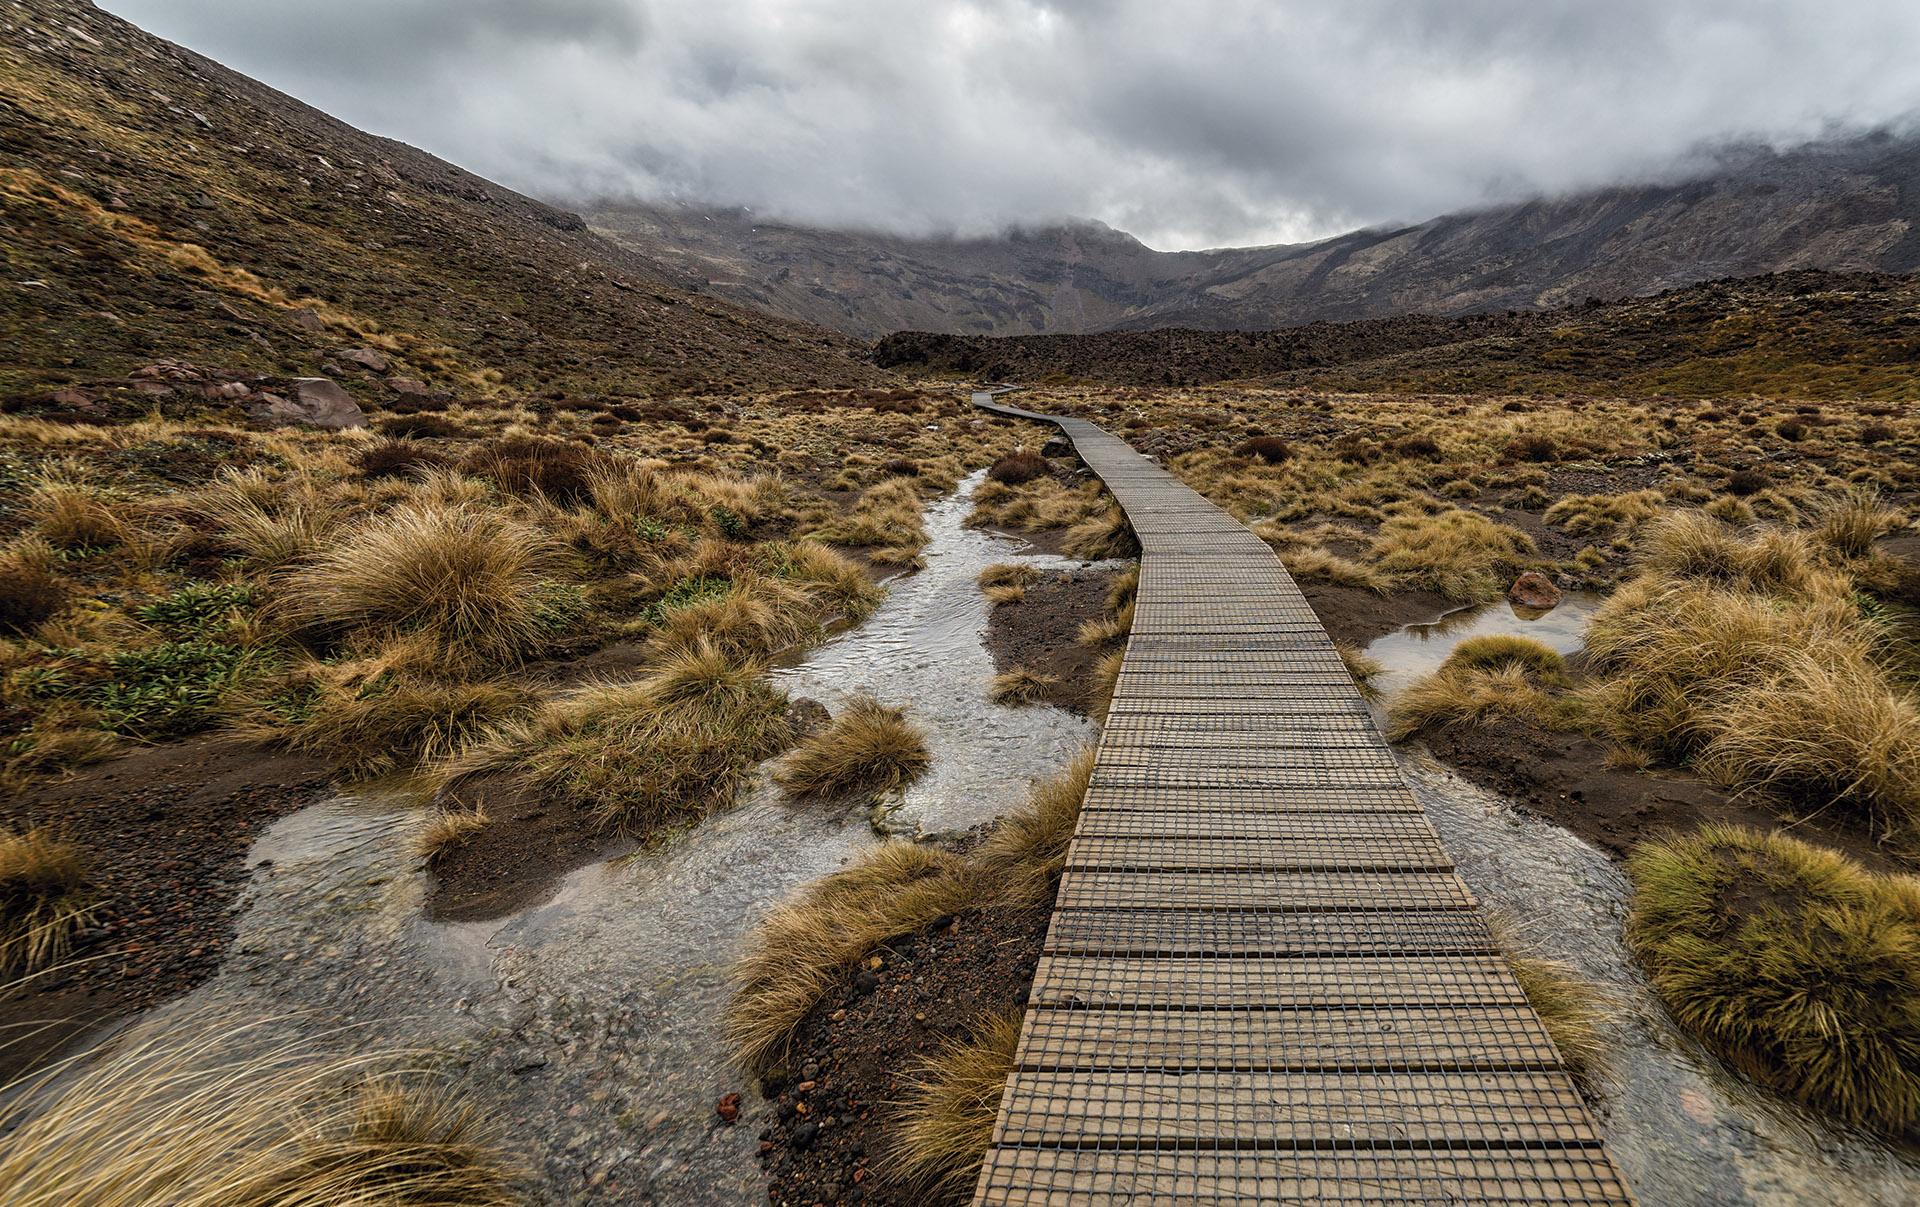 paseo de madera con malla de seguridad antidelizante trek-net